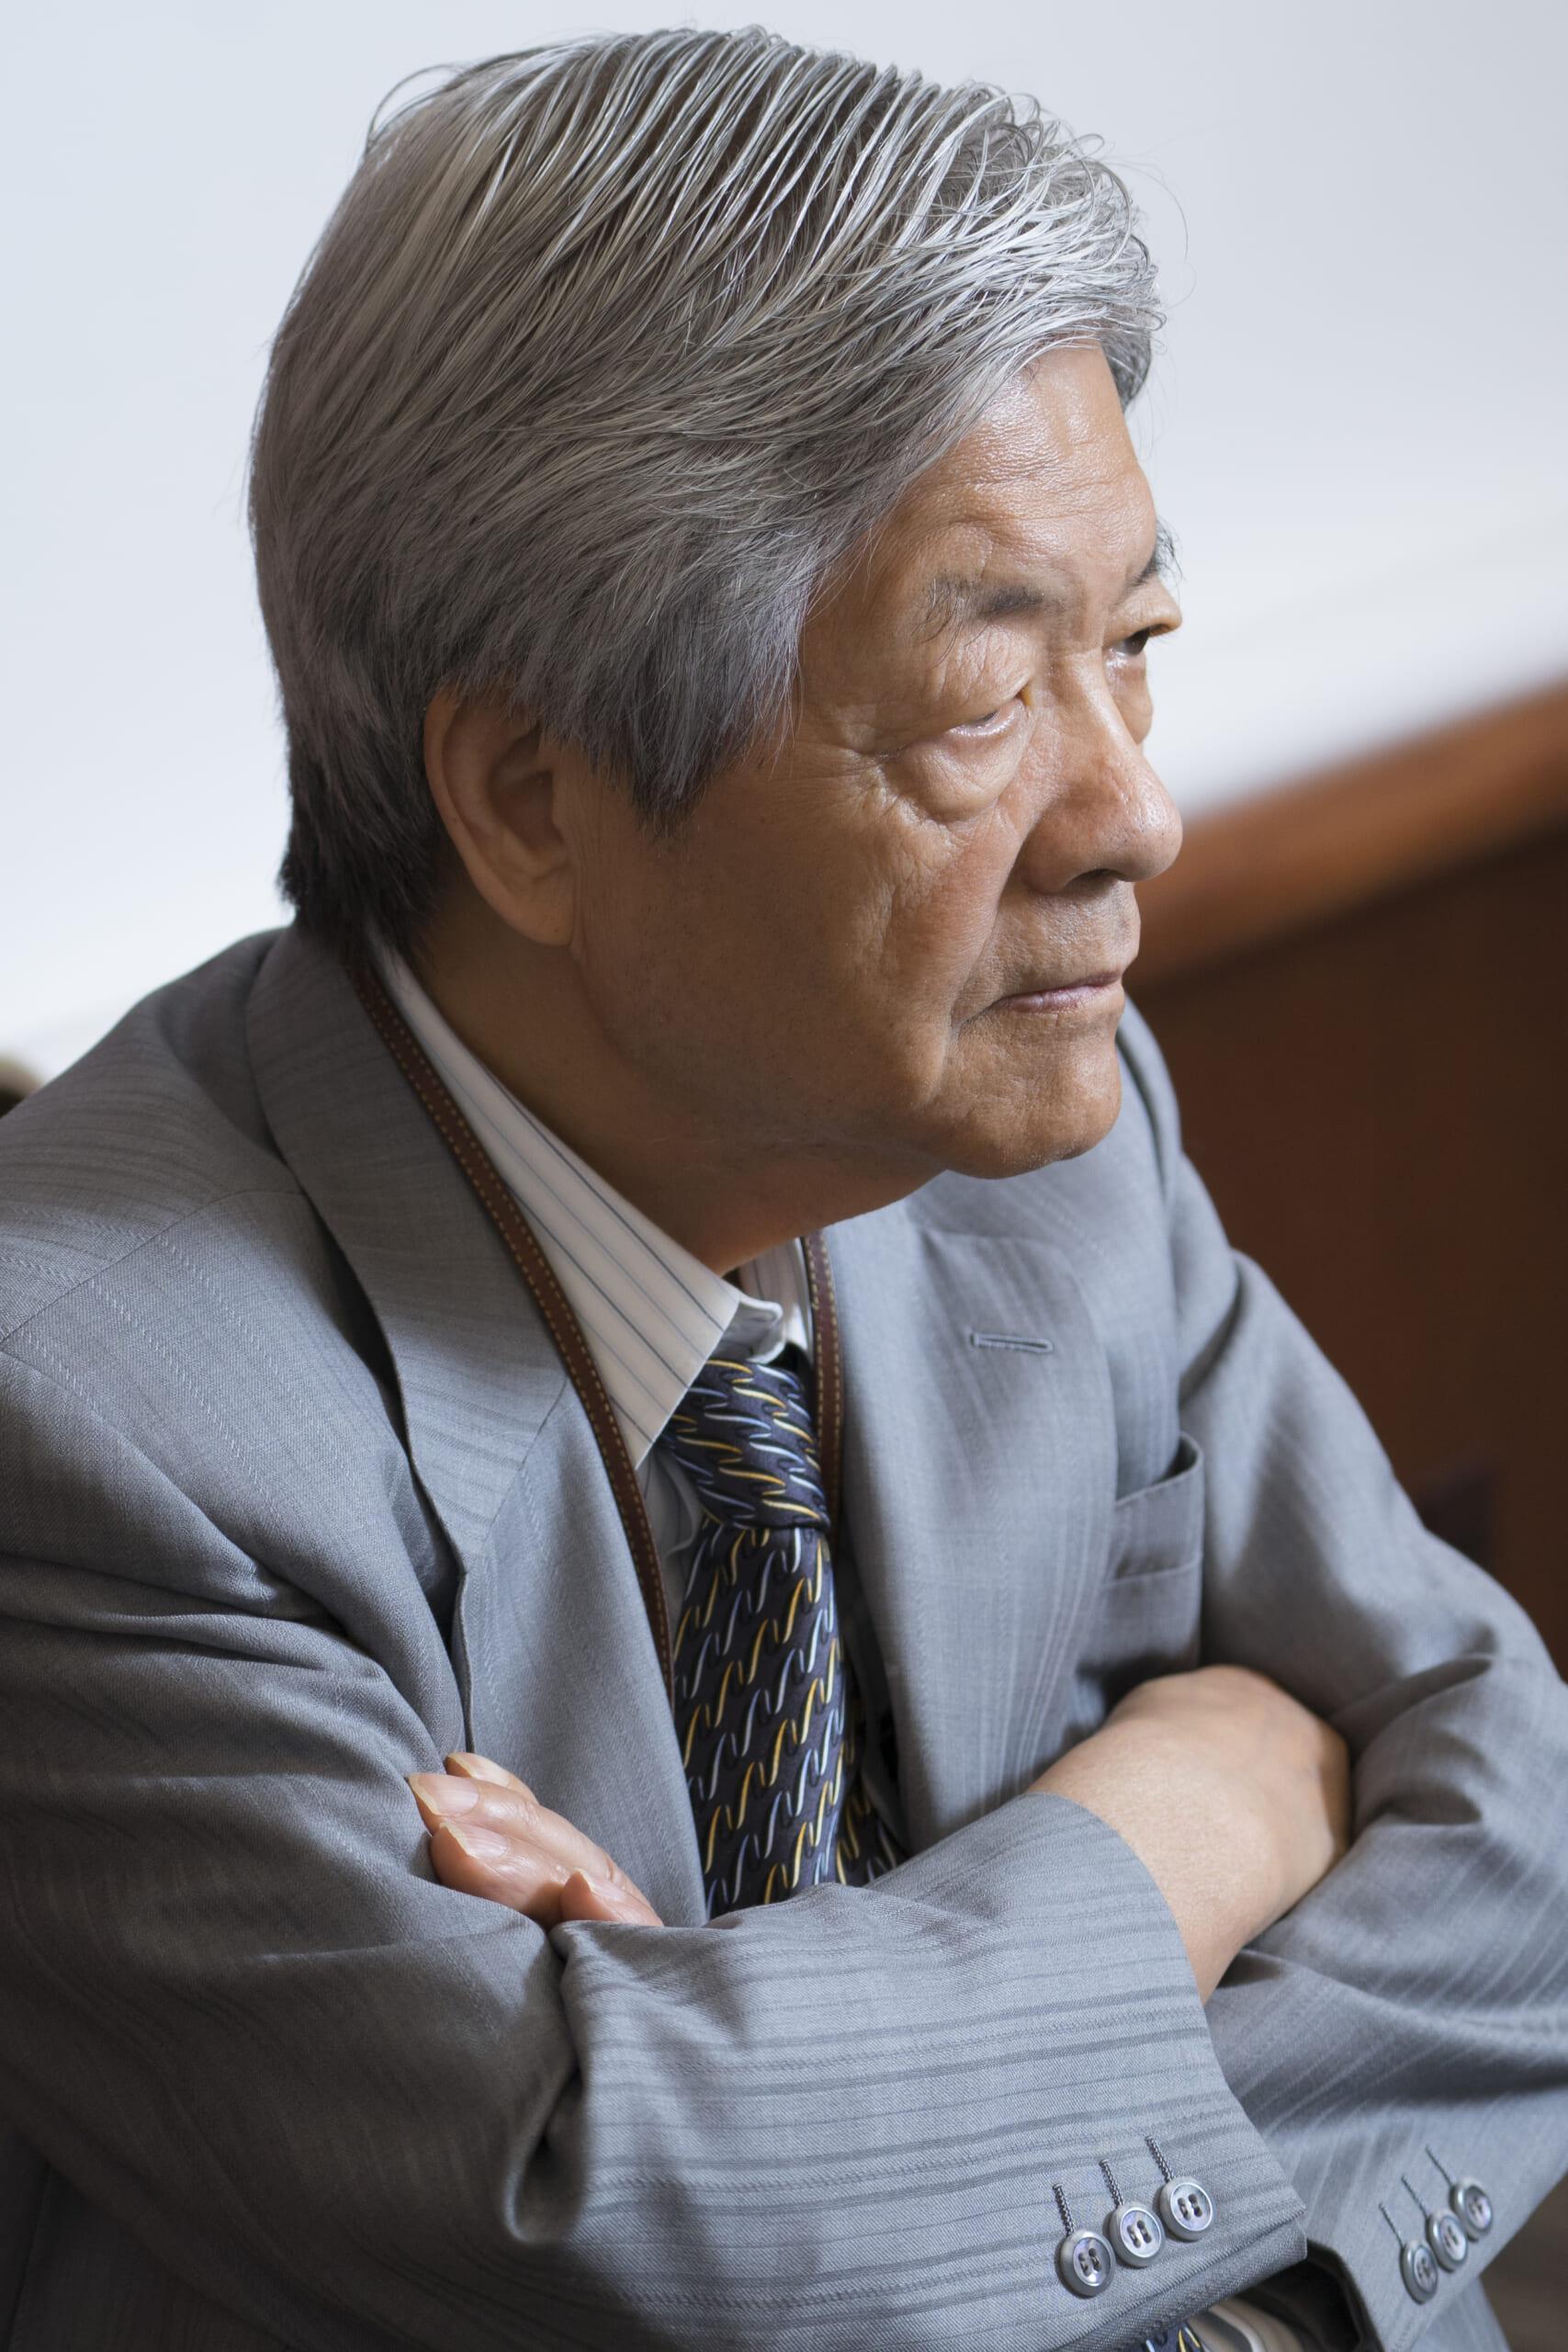 田原総一朗 「今の日本の姿を見れば、ほぼ田中さんの構想に近づいているのが分かる」<br />